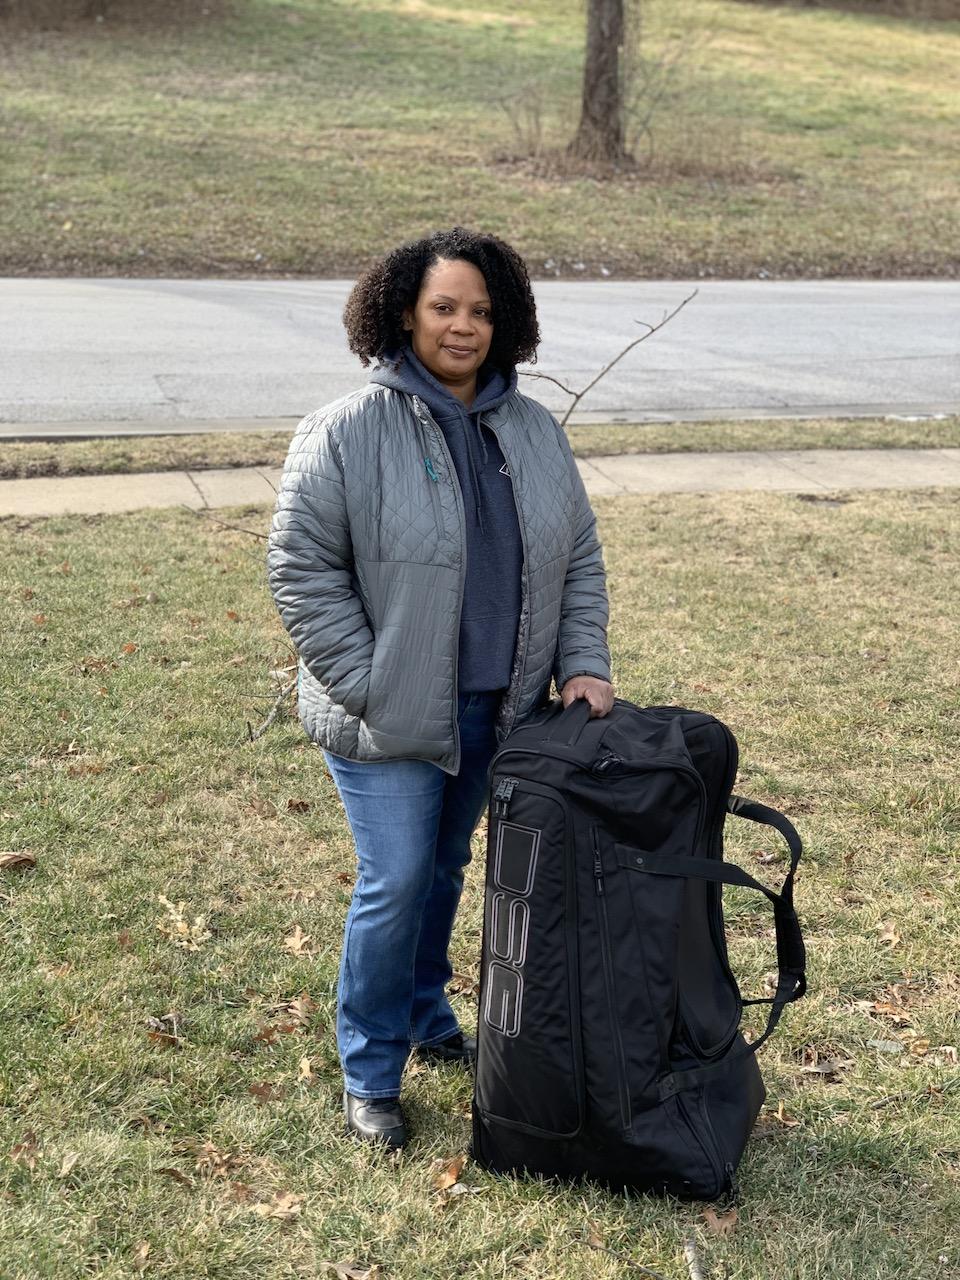 DSG Outerwear Luggage Gear Birts